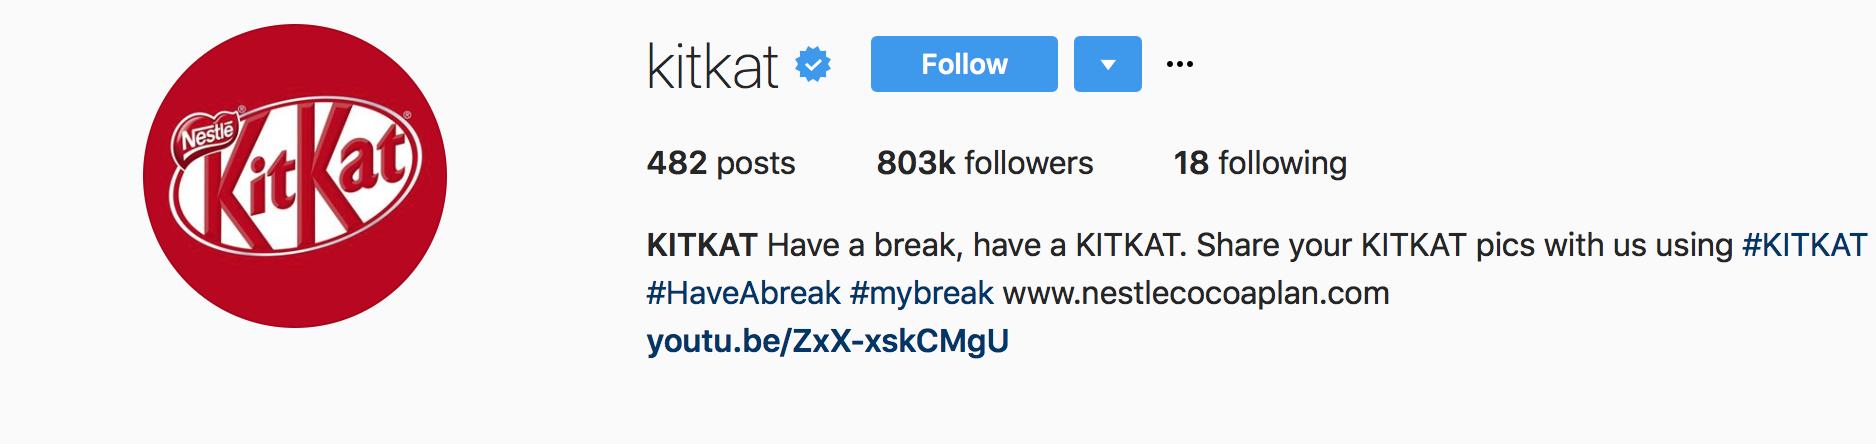 Kitkat Branded hashtags